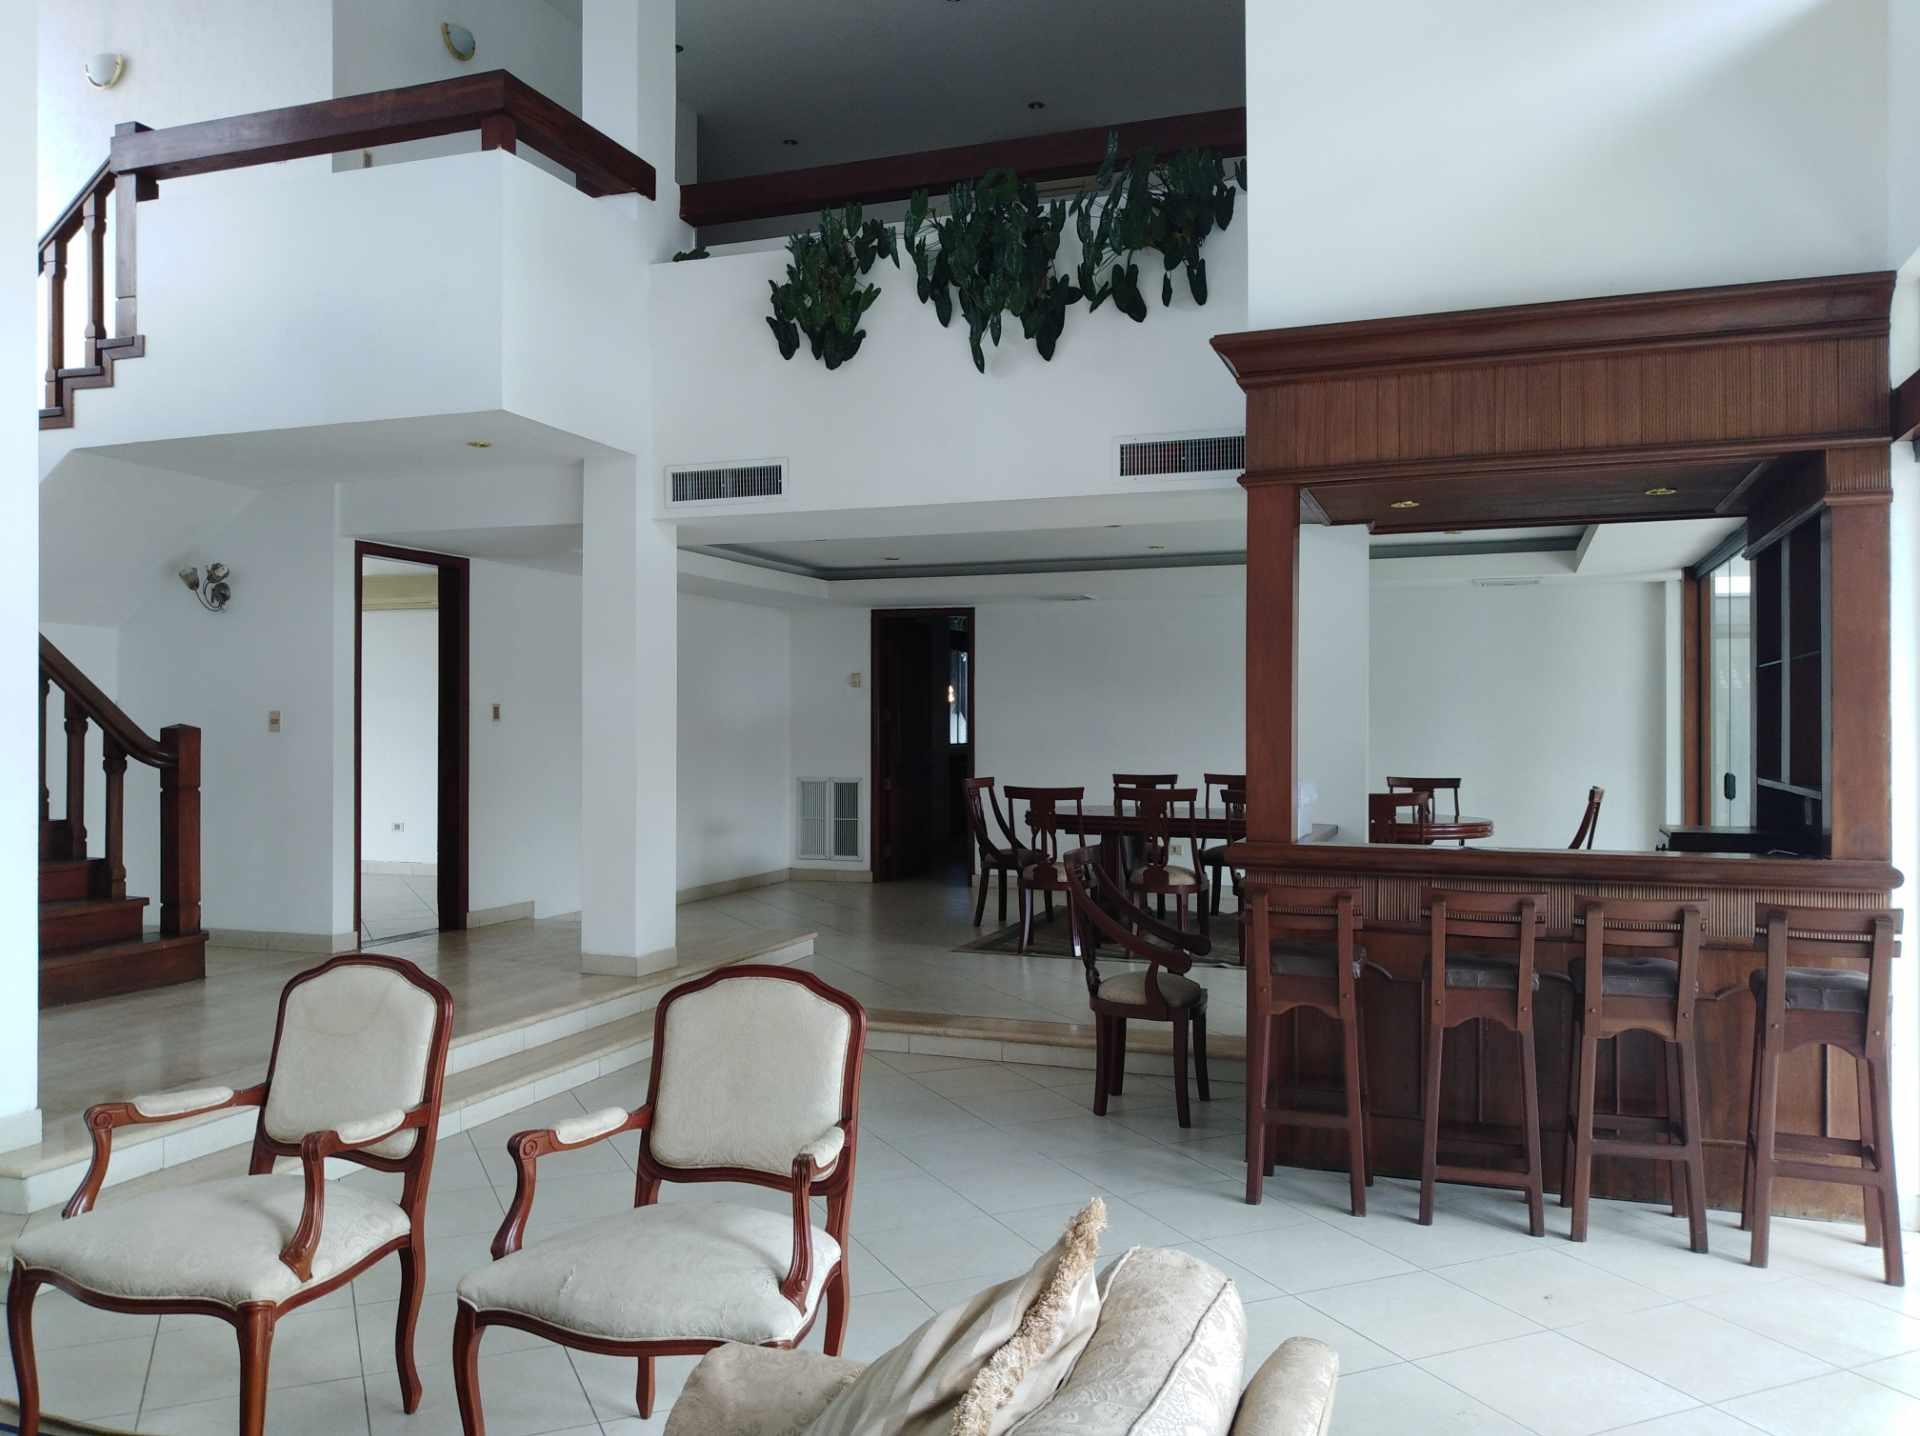 Casa en Alquiler BARRIO LAS PALMAS - AV. RADIAL CASTILLA Foto 3